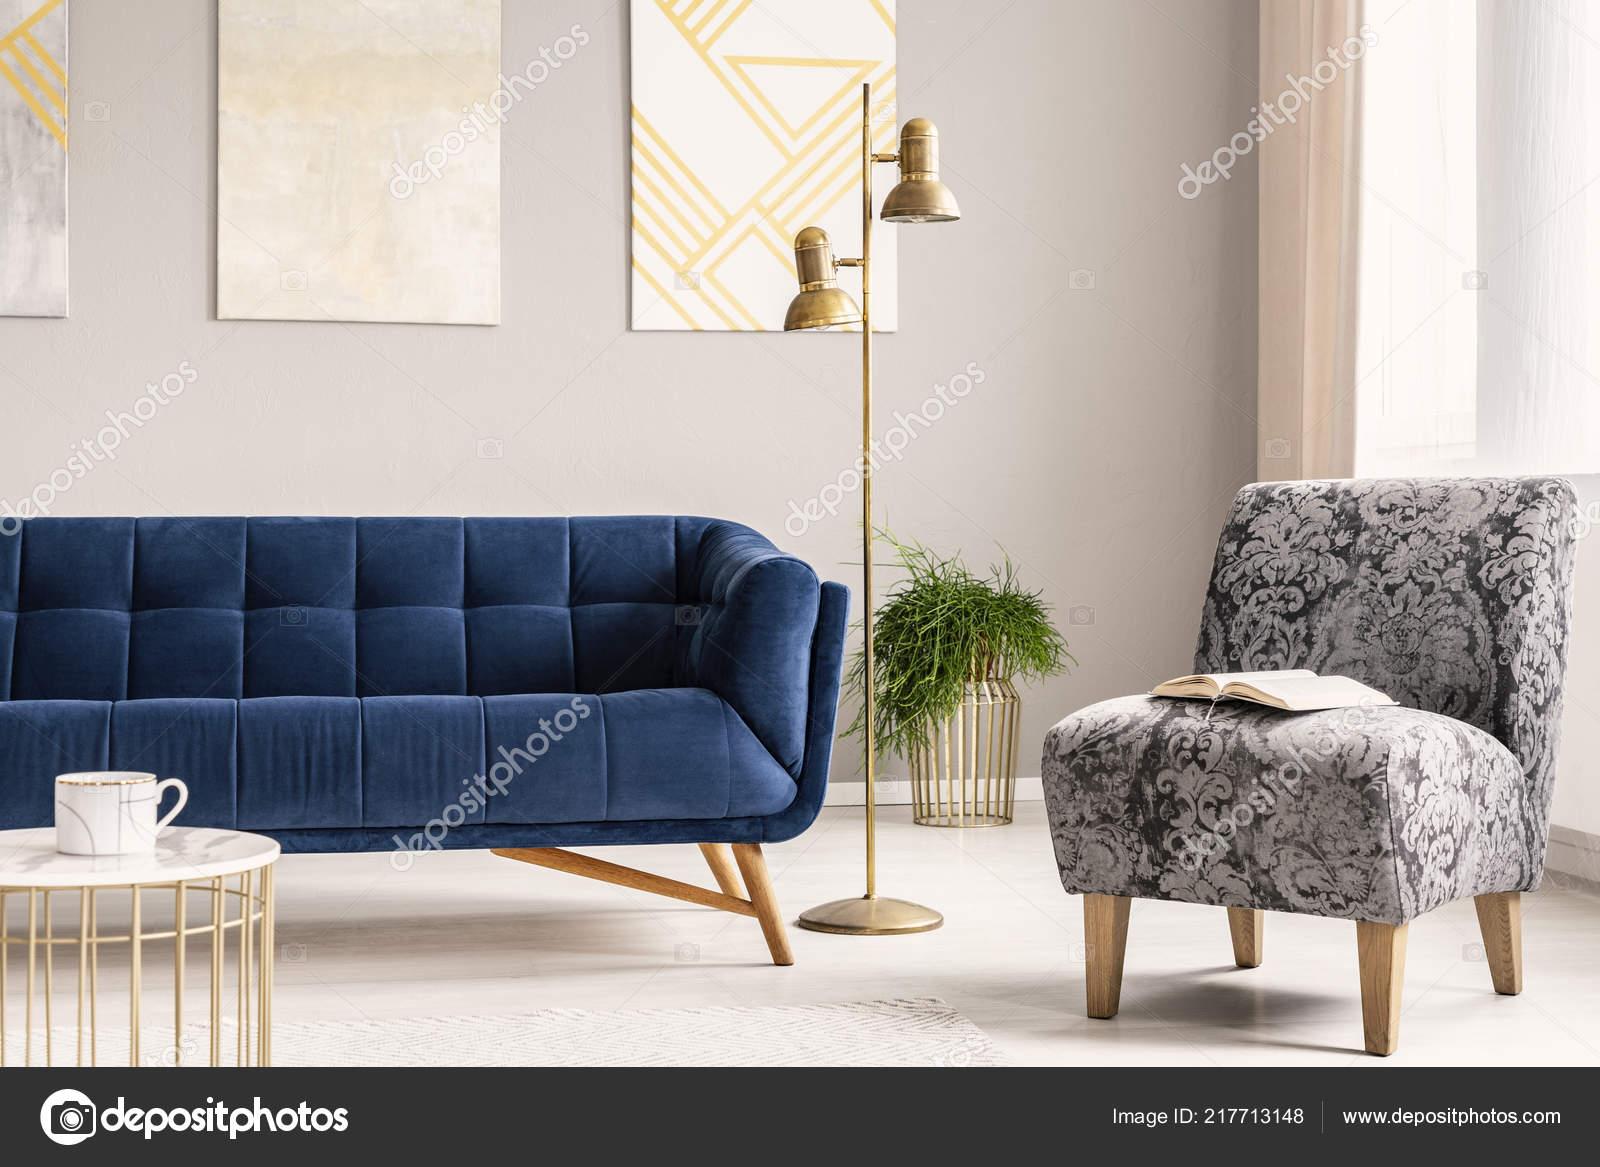 Minimalistische stijl woonkamer interieur met een marine blauwe